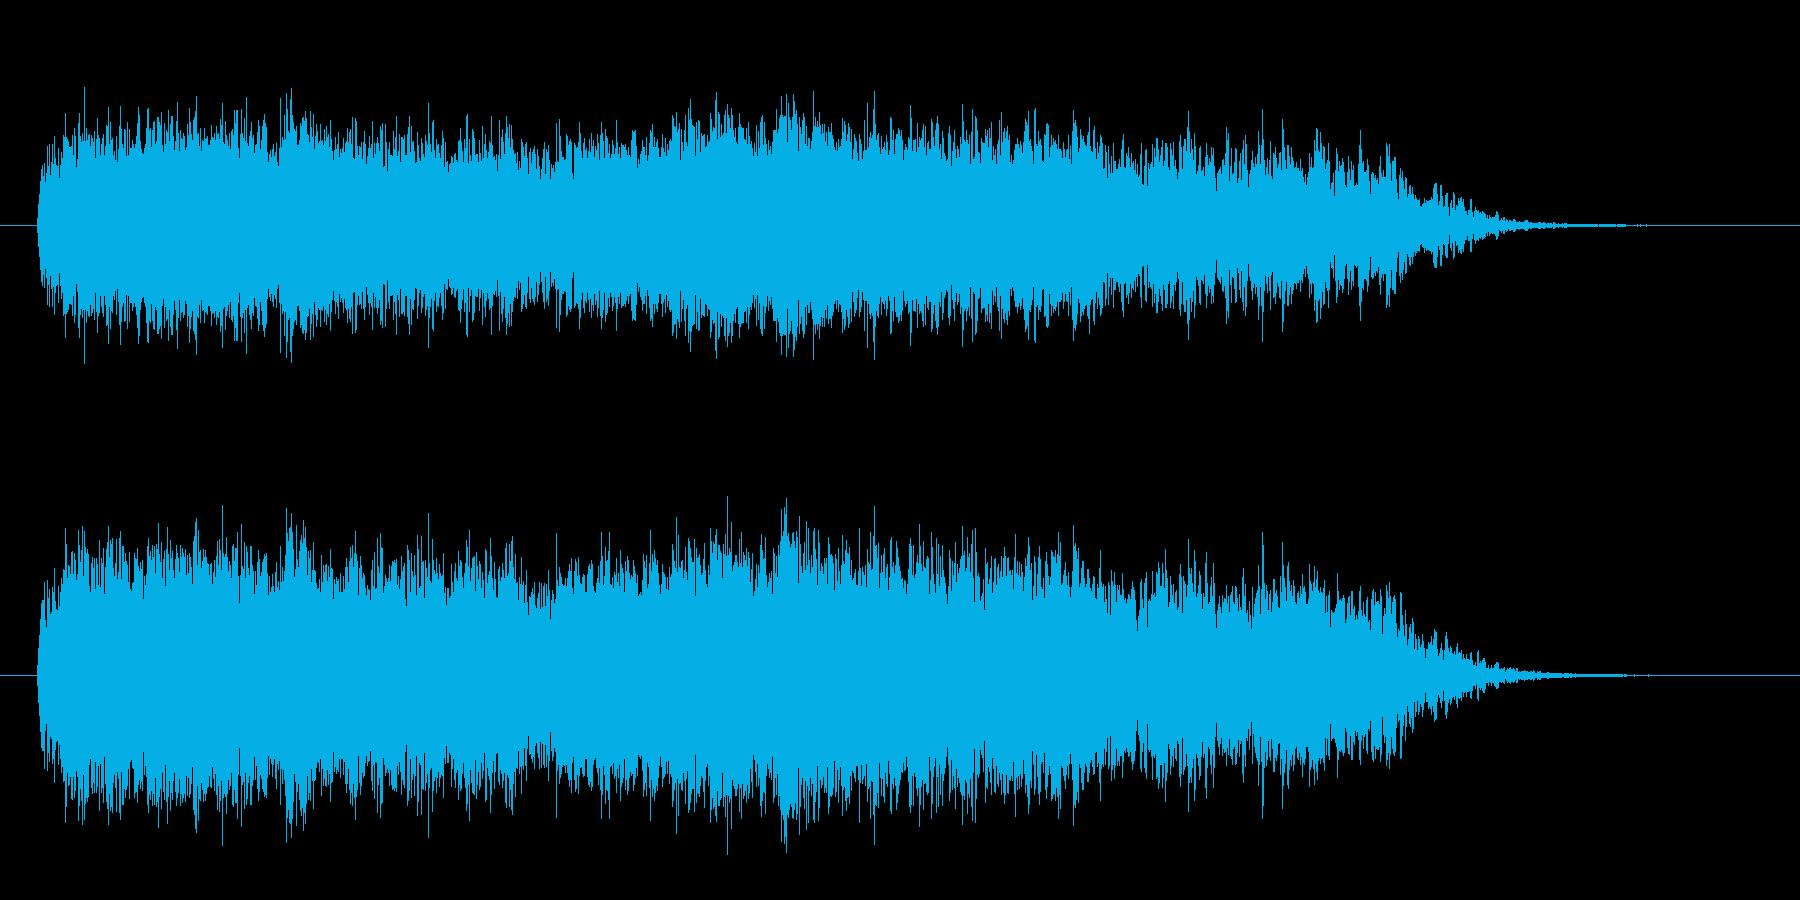 ホーワーワー(ミステリアスな効果音)の再生済みの波形